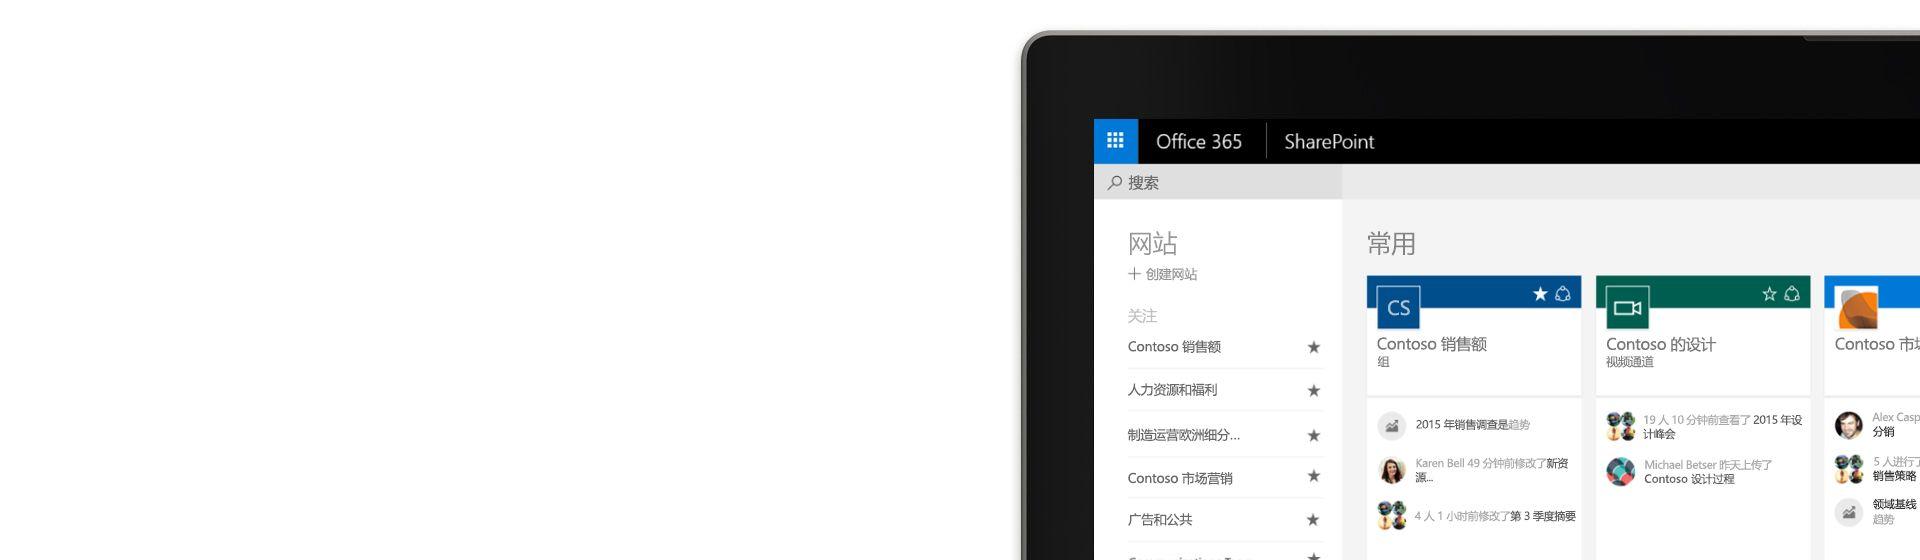 计算机屏幕的一角,显示 SharePoint 中的团队网站列表